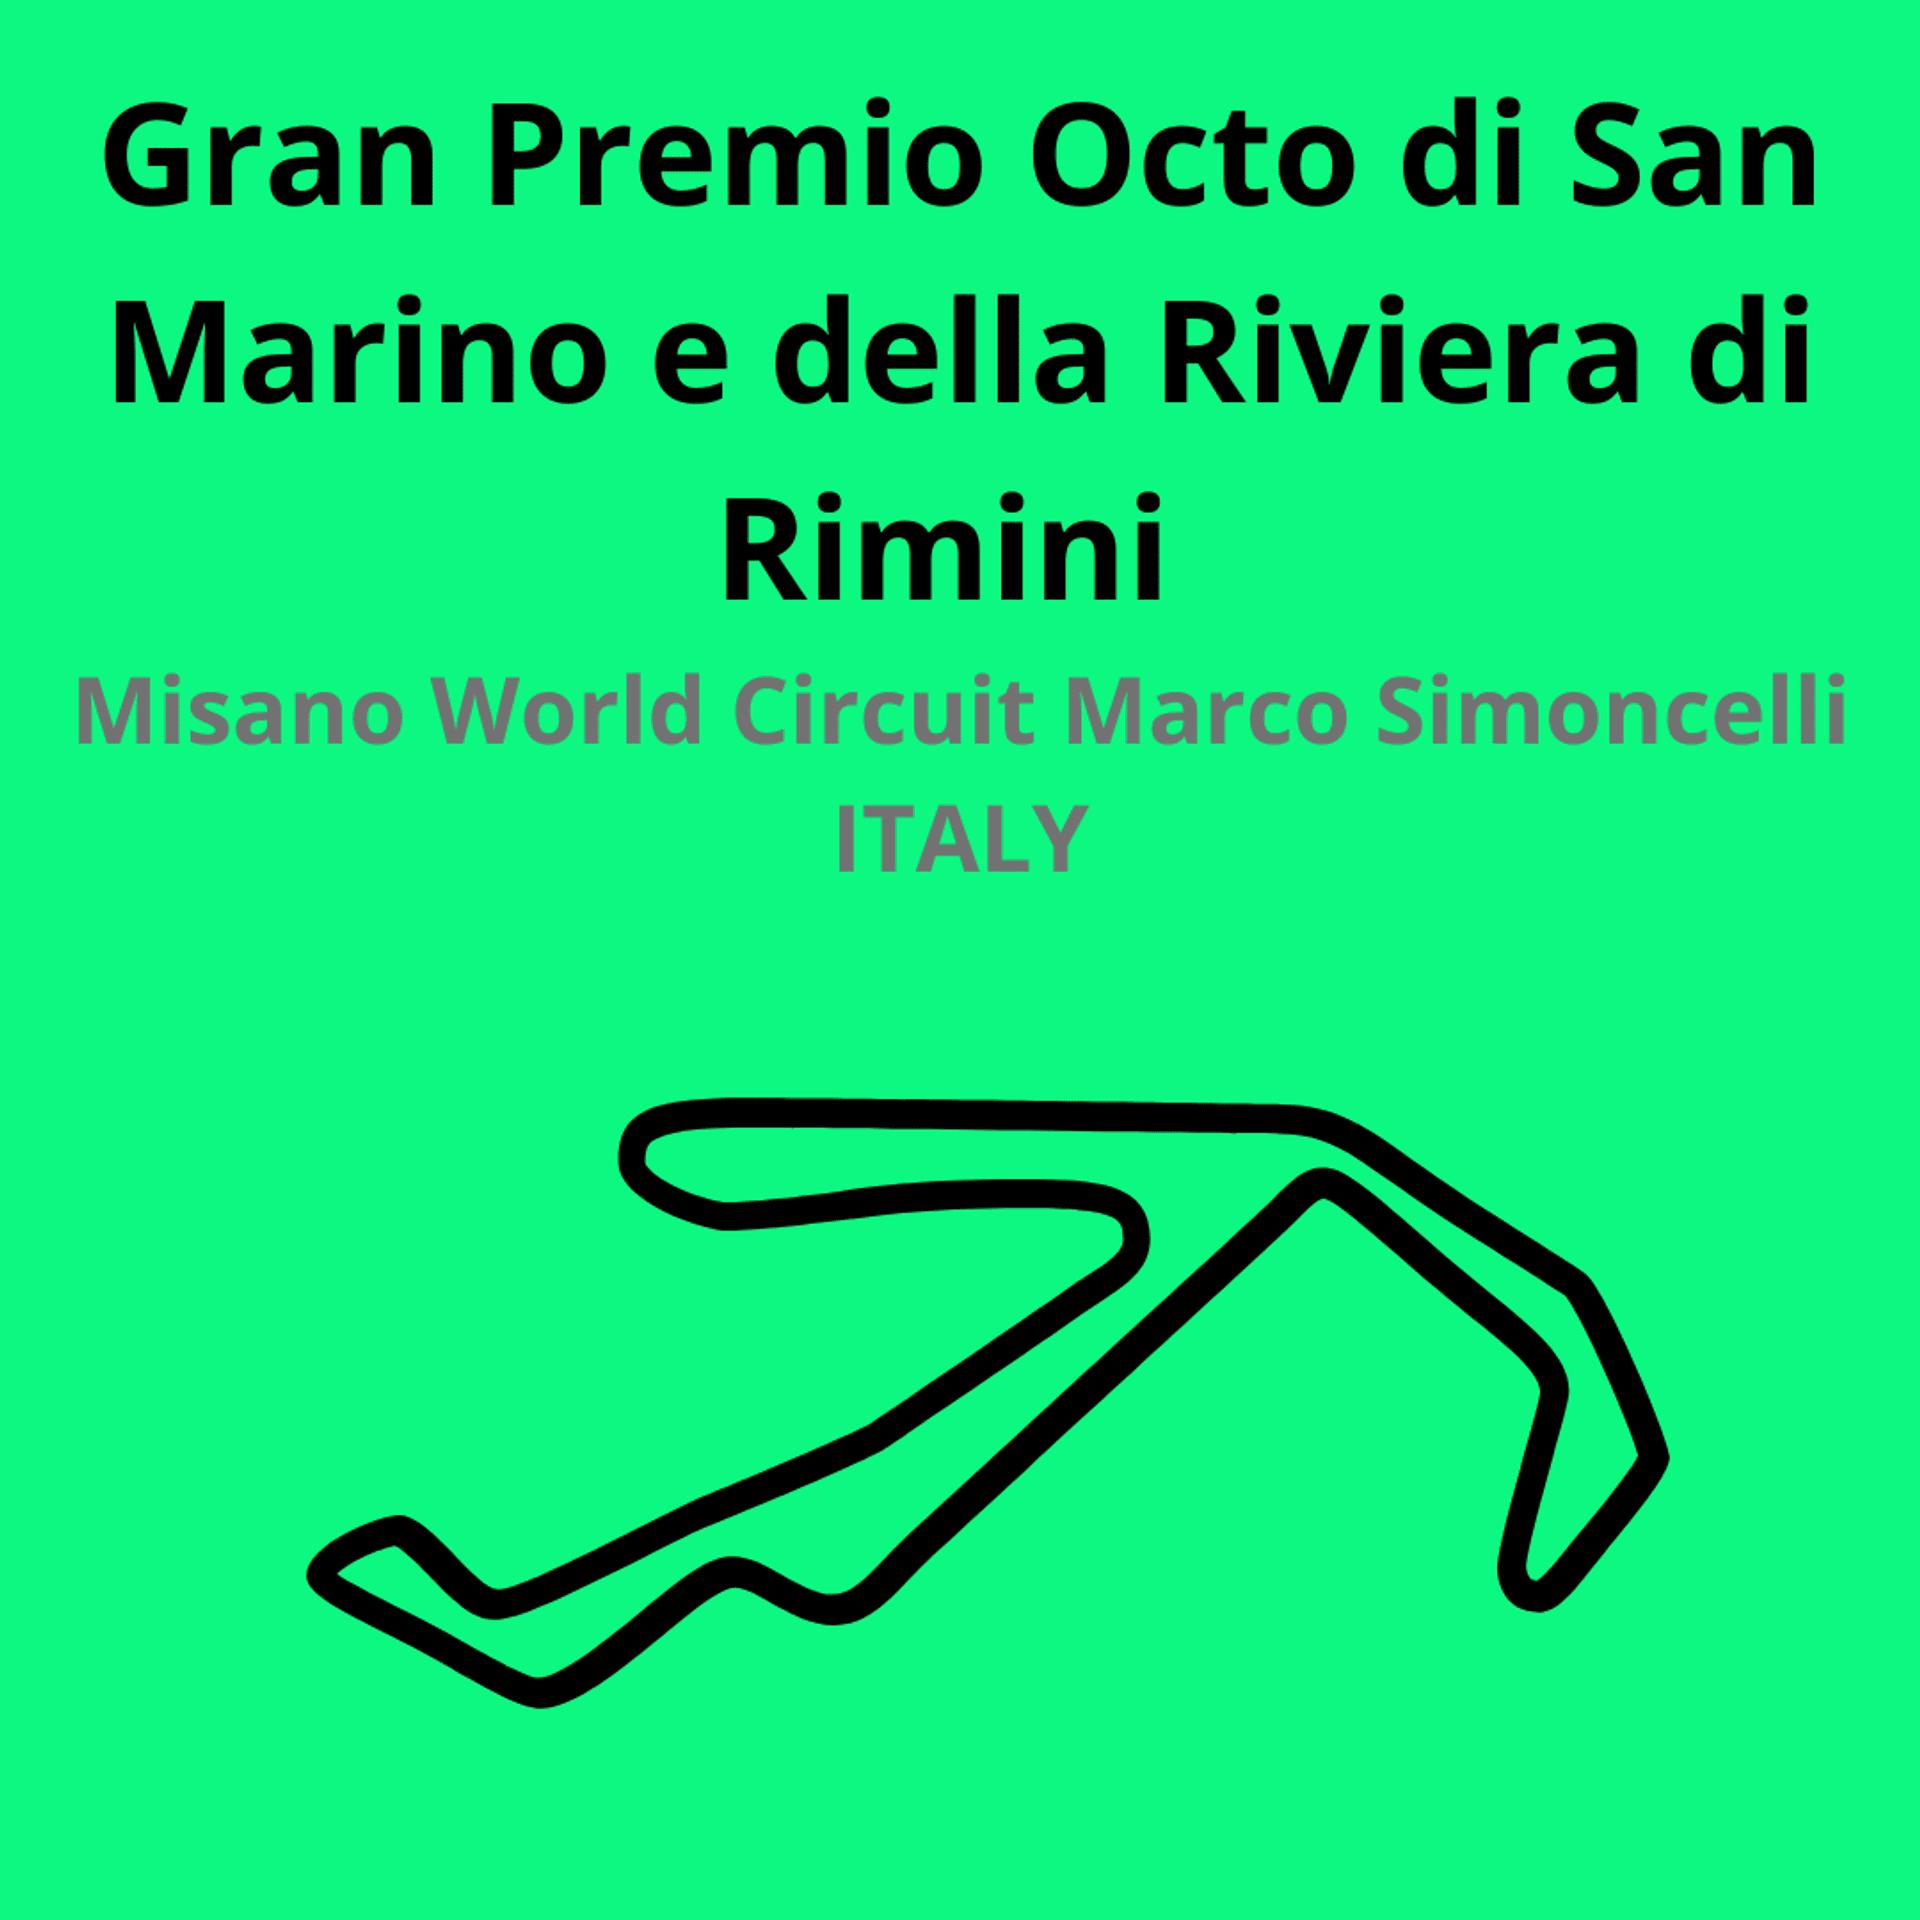 Gran Premio cto di San Marino. Scopri tutte le gare del moto mondiale 2021.Le caratteristiche di ogni circuito, i record e difficoltà.Segui insieme a noi tutte le gare di Tony Arbolino nella sua nuova avventura in Moto2